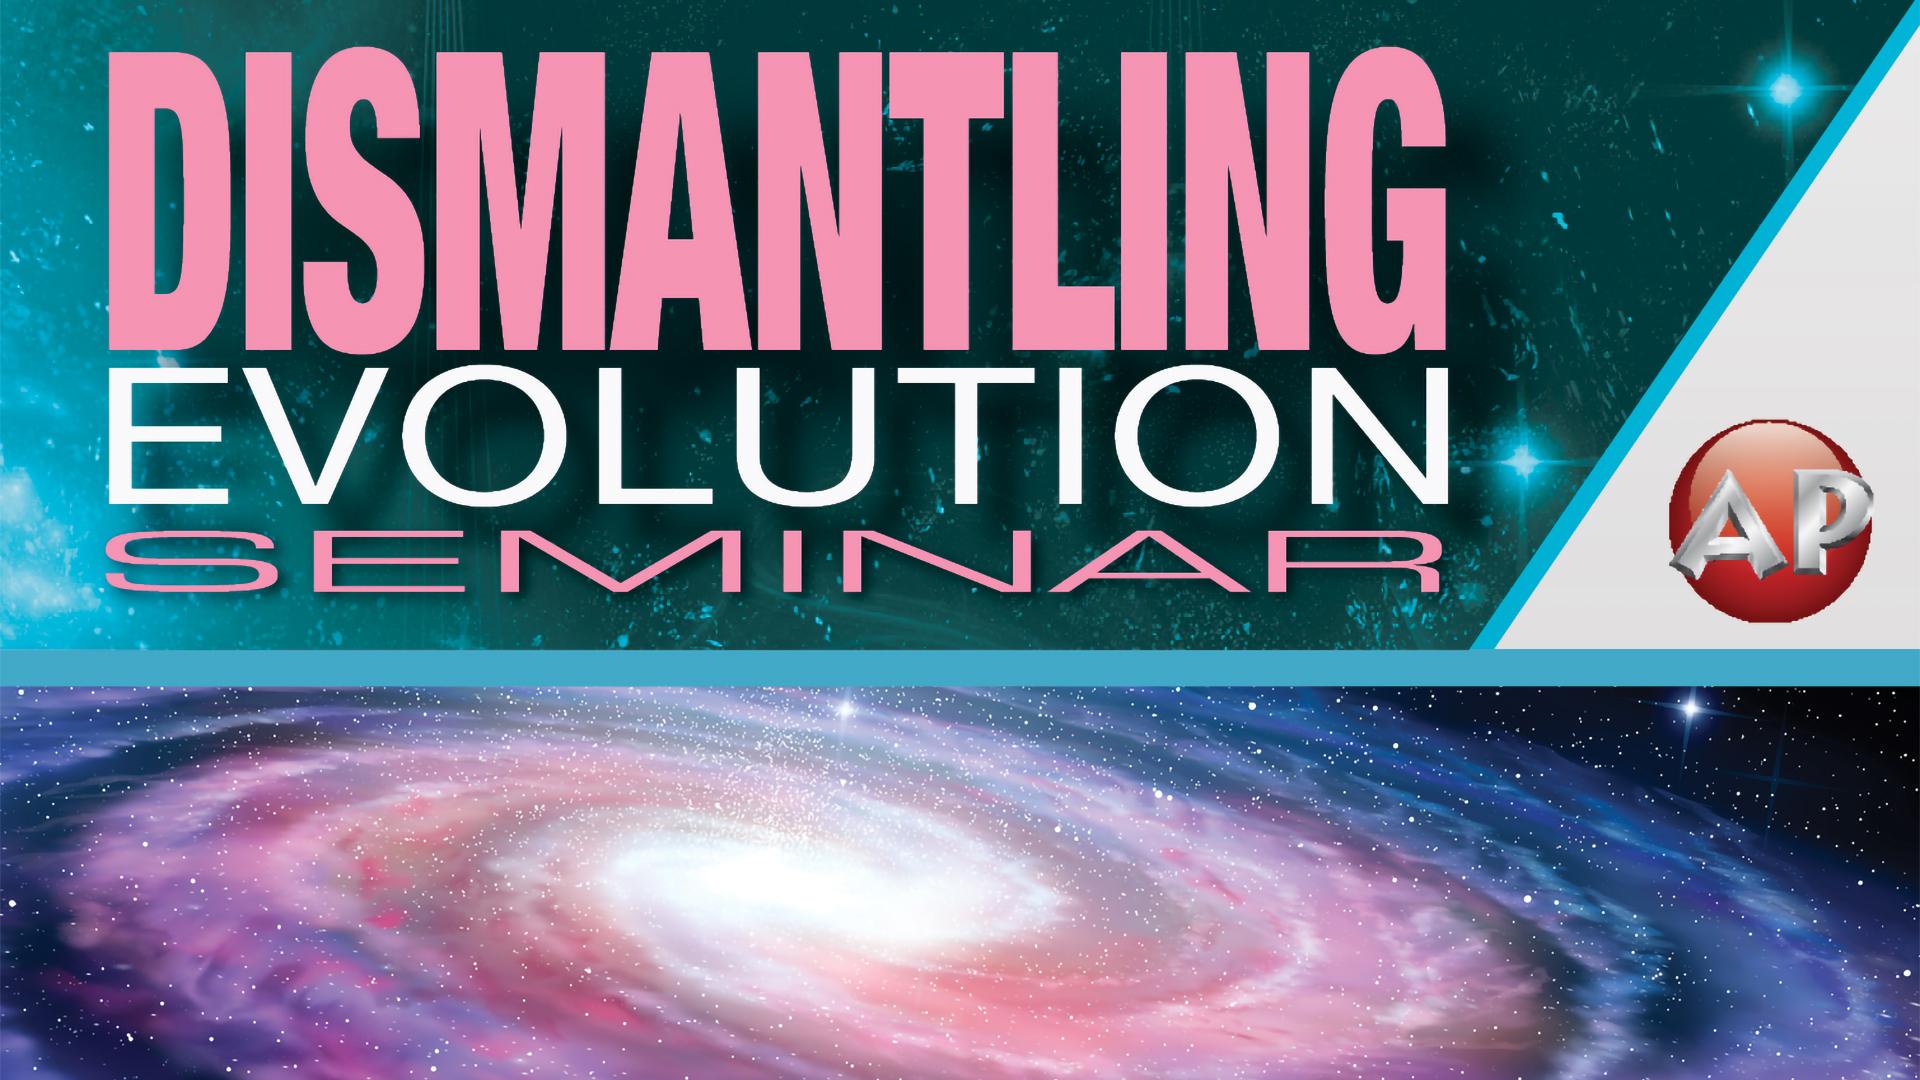 Dismantling Evolution Seminar